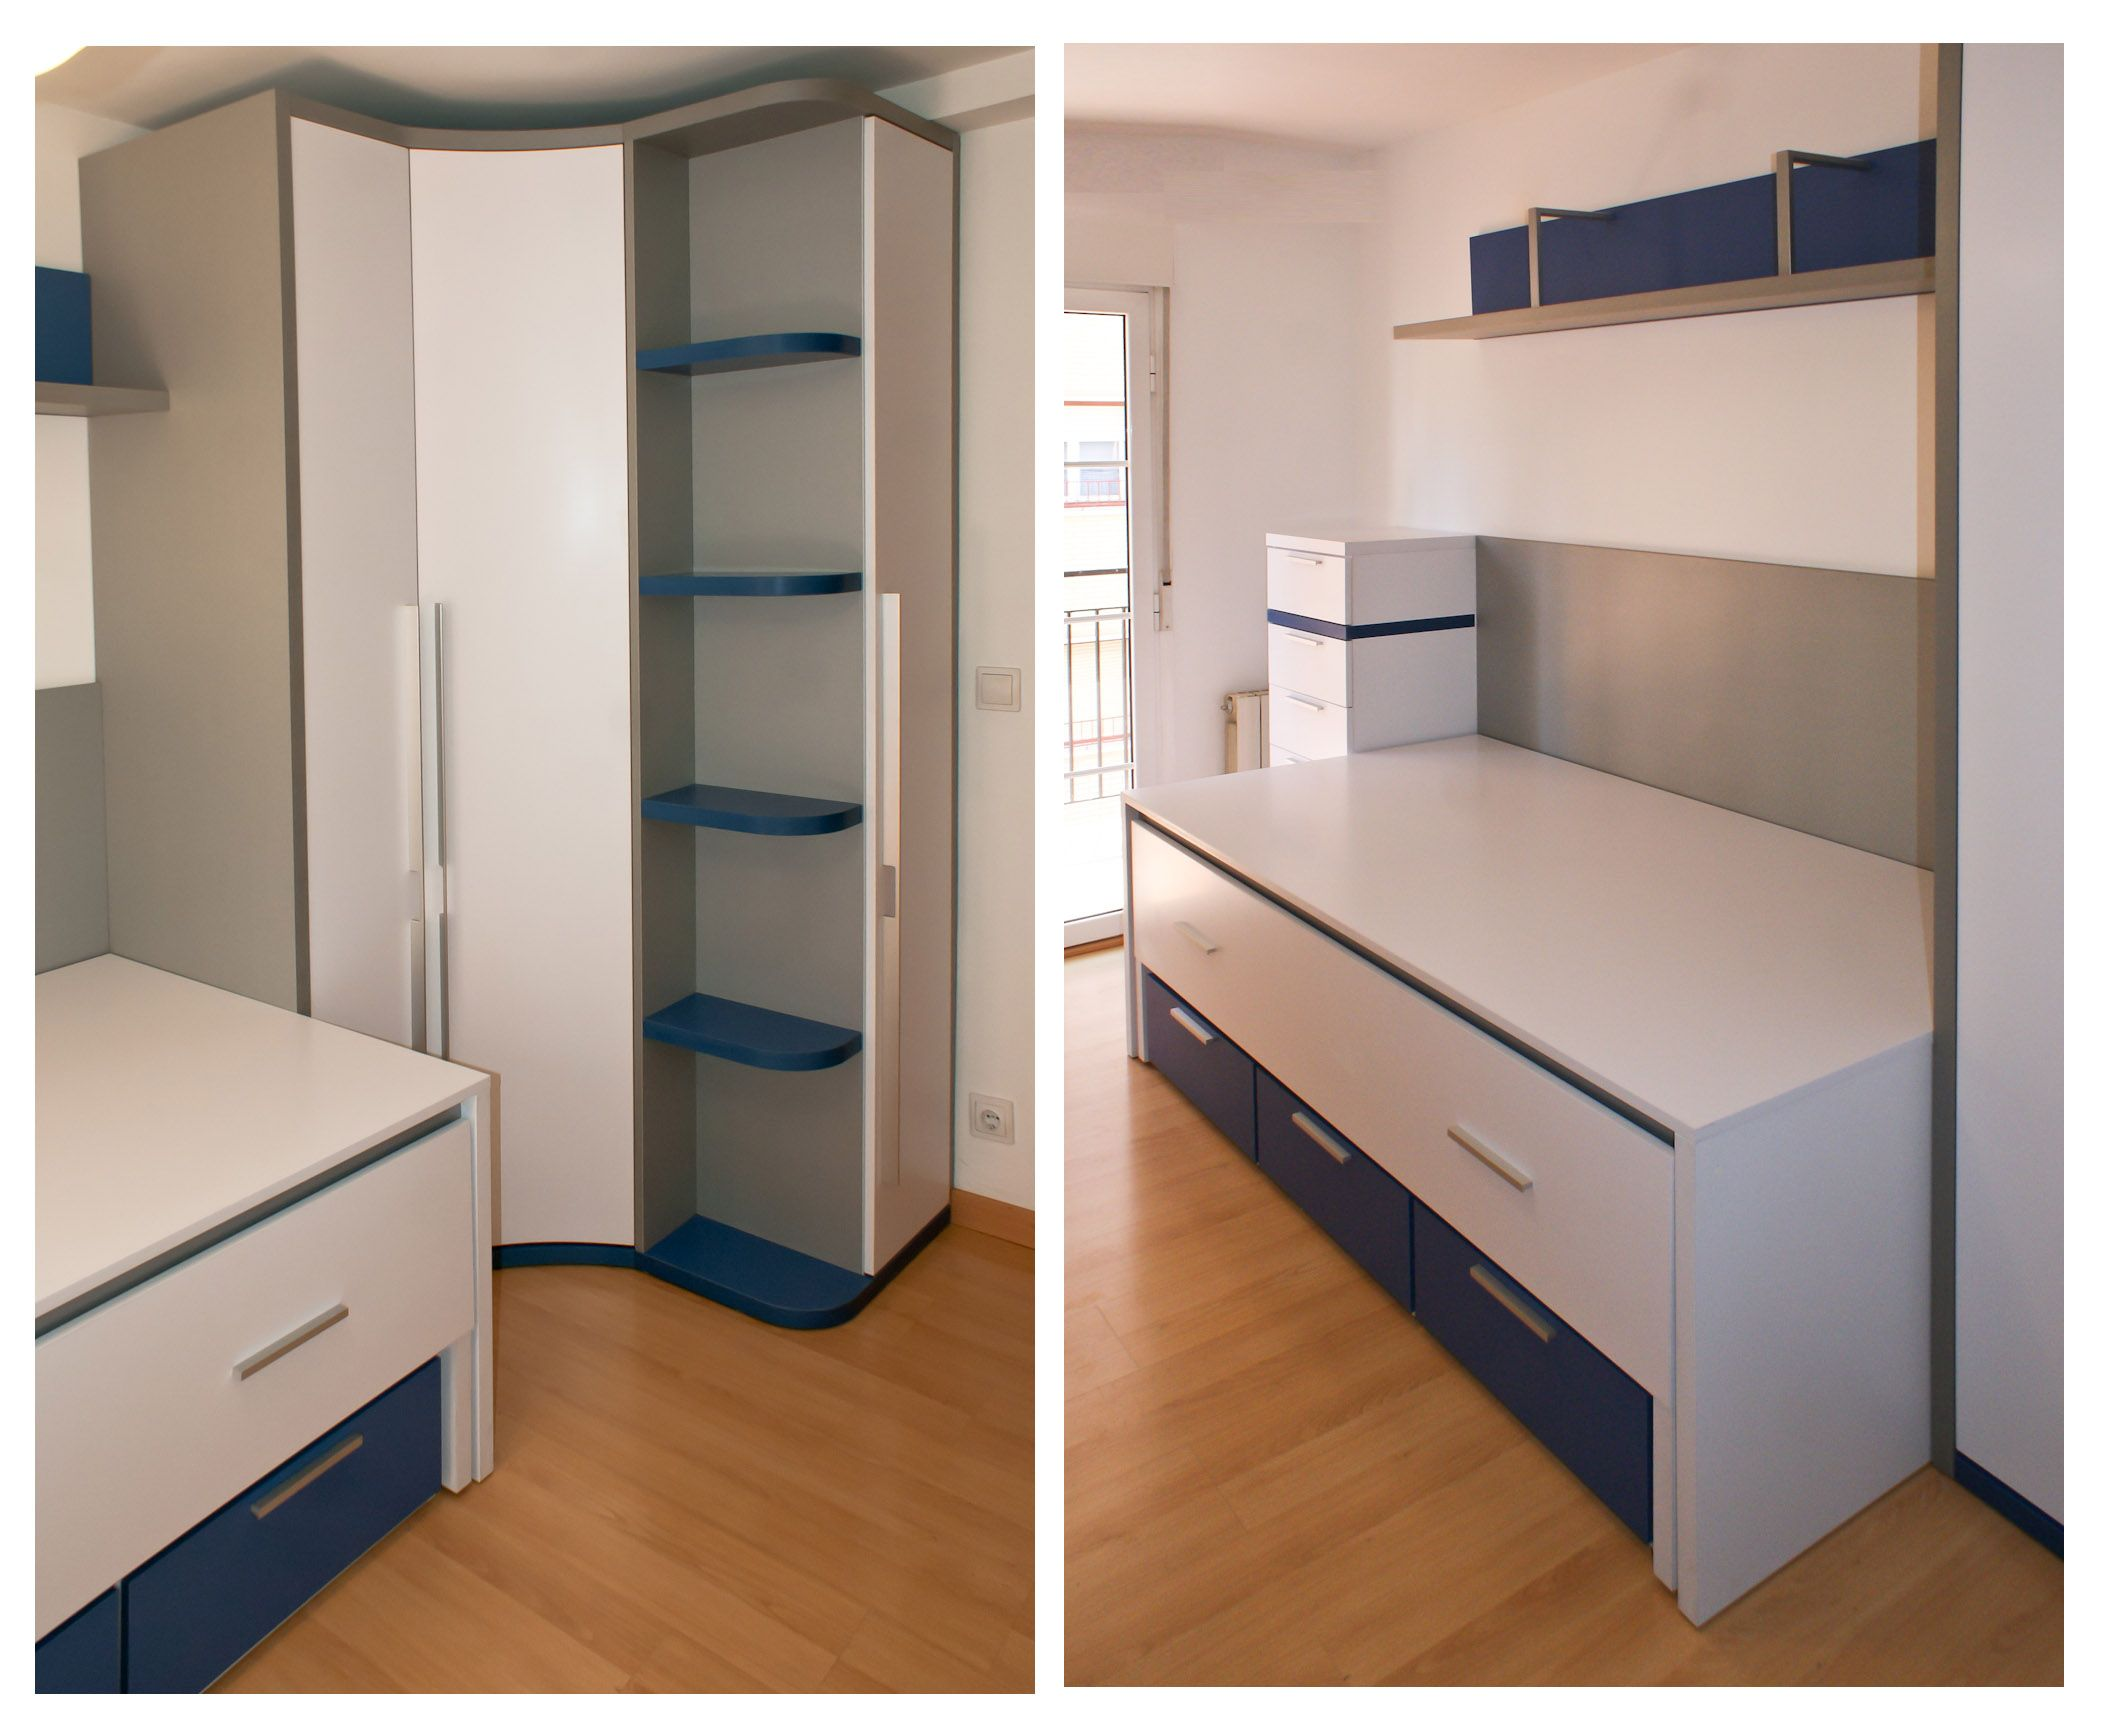 Novedades en soluciones mueble juvenil dormitorio juvenil for Mueble zapatero metalico